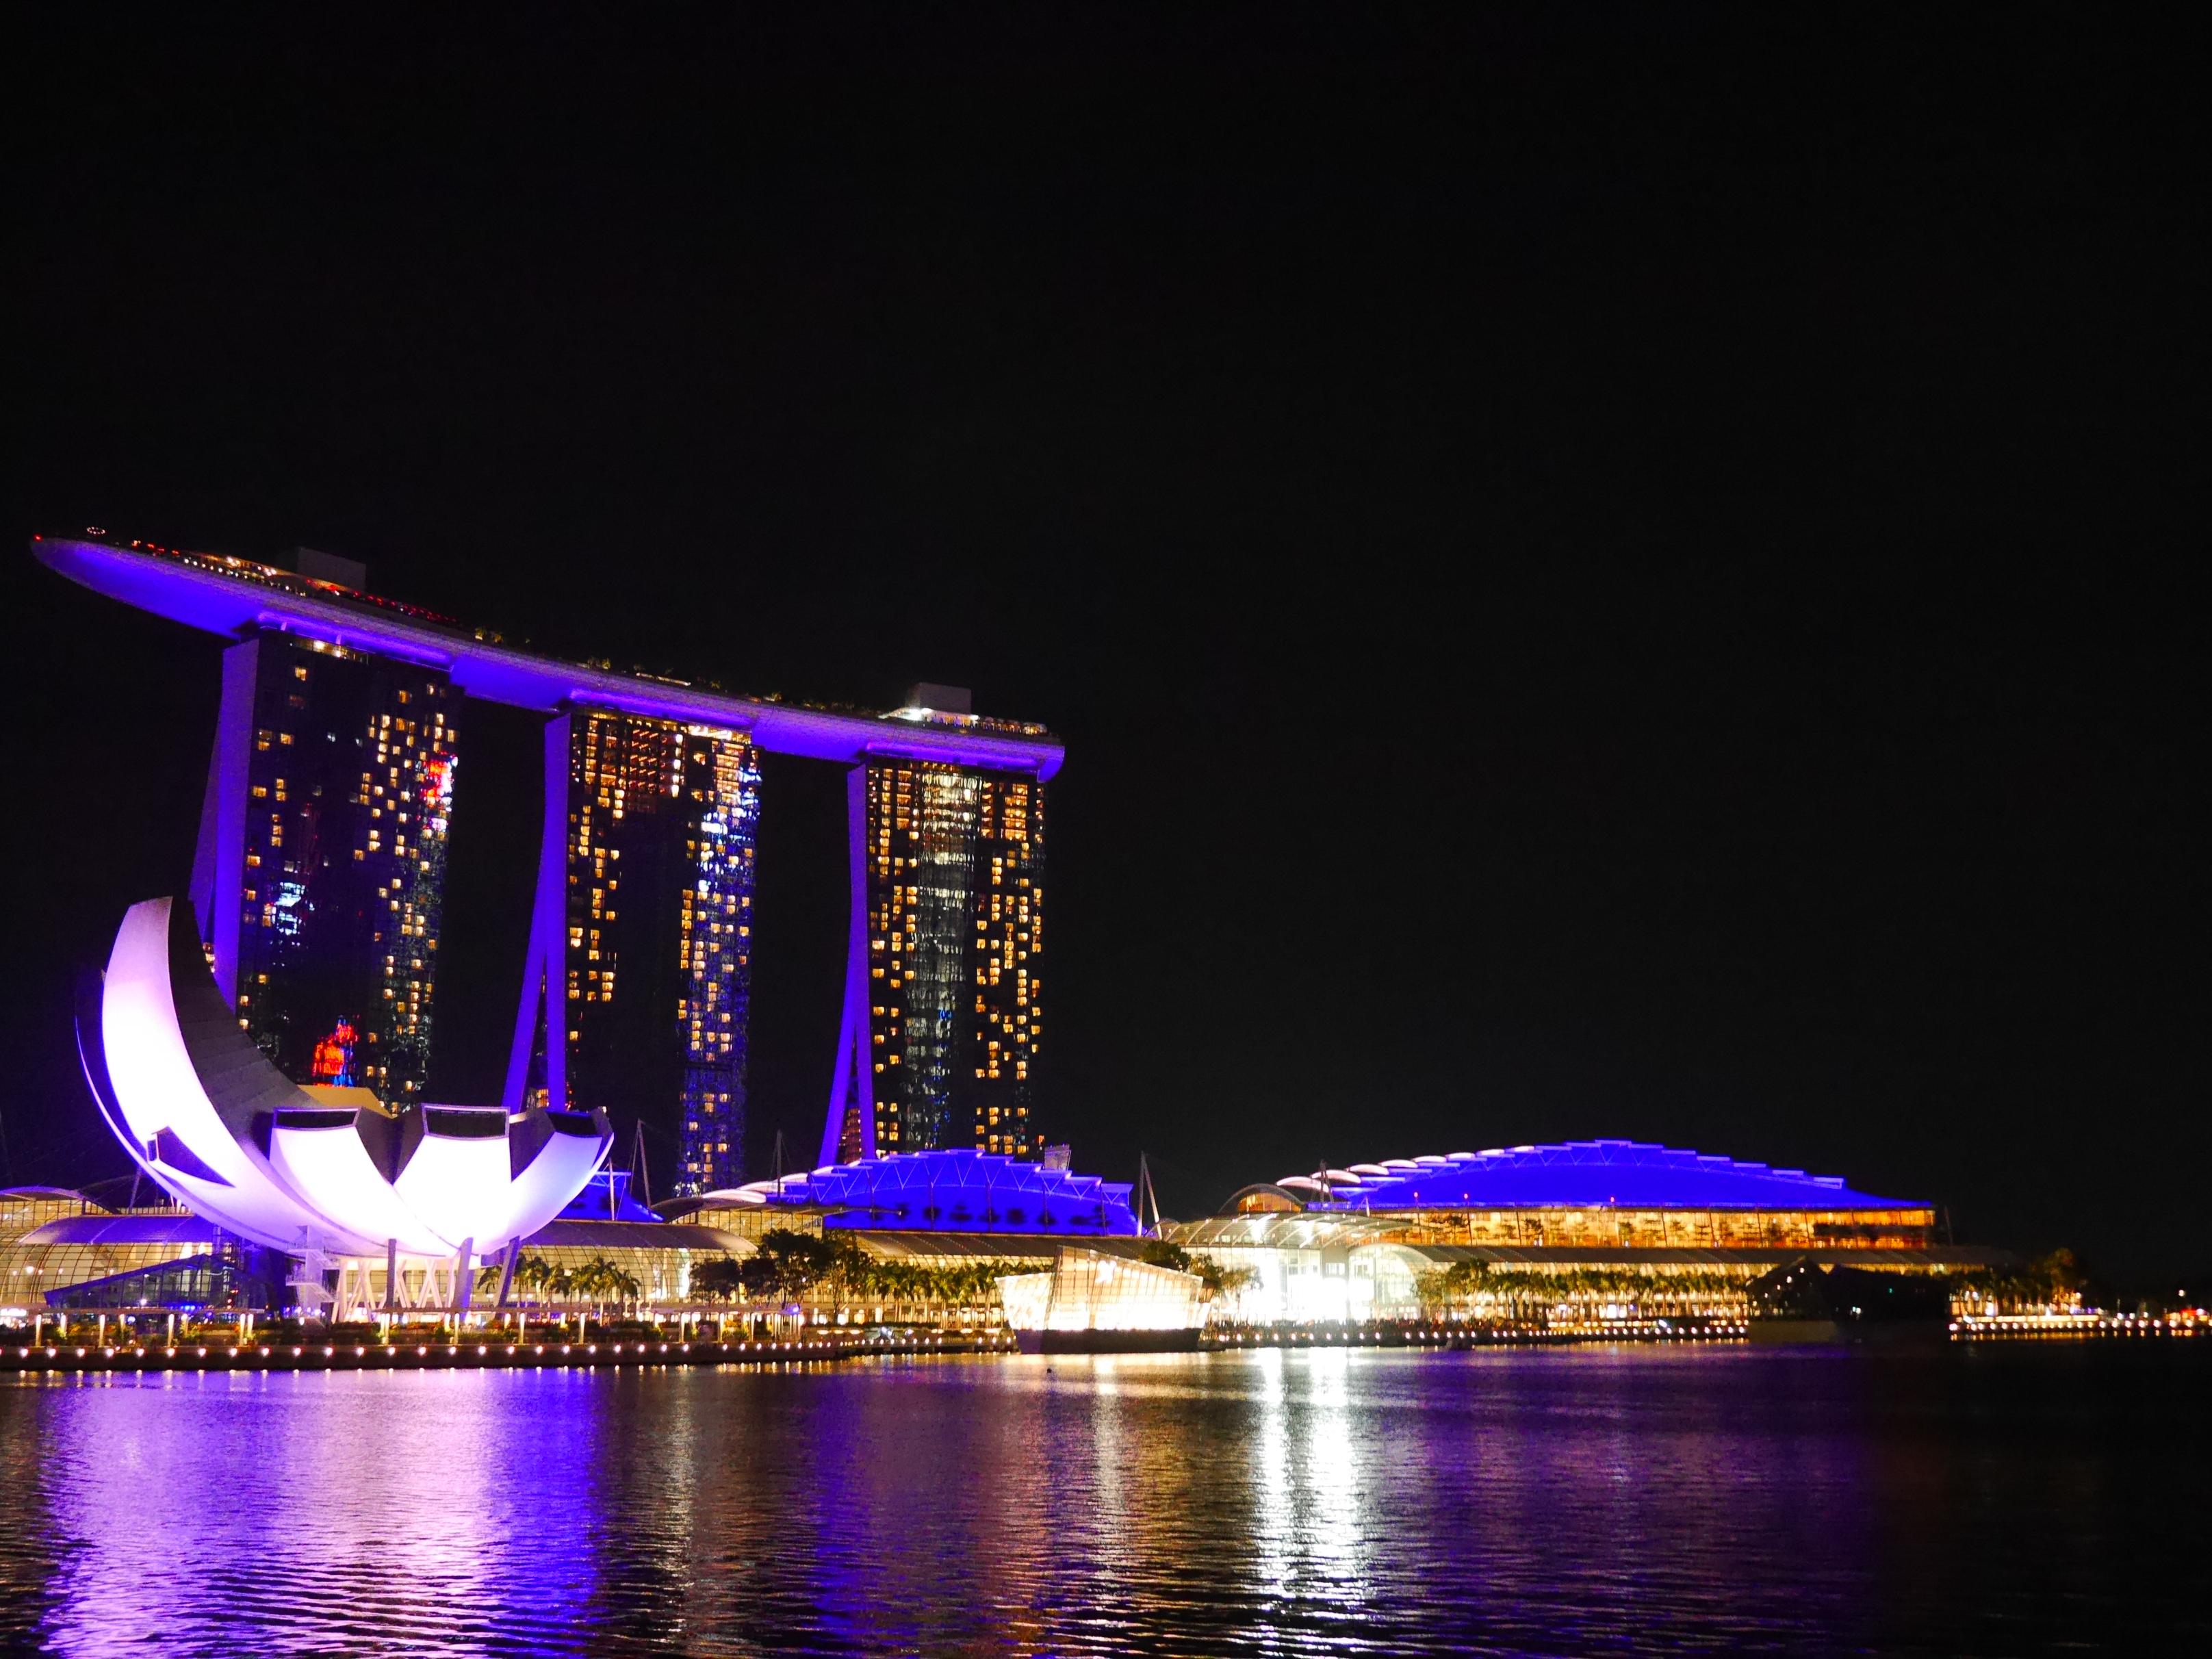 シンガポールのマリーナベイ